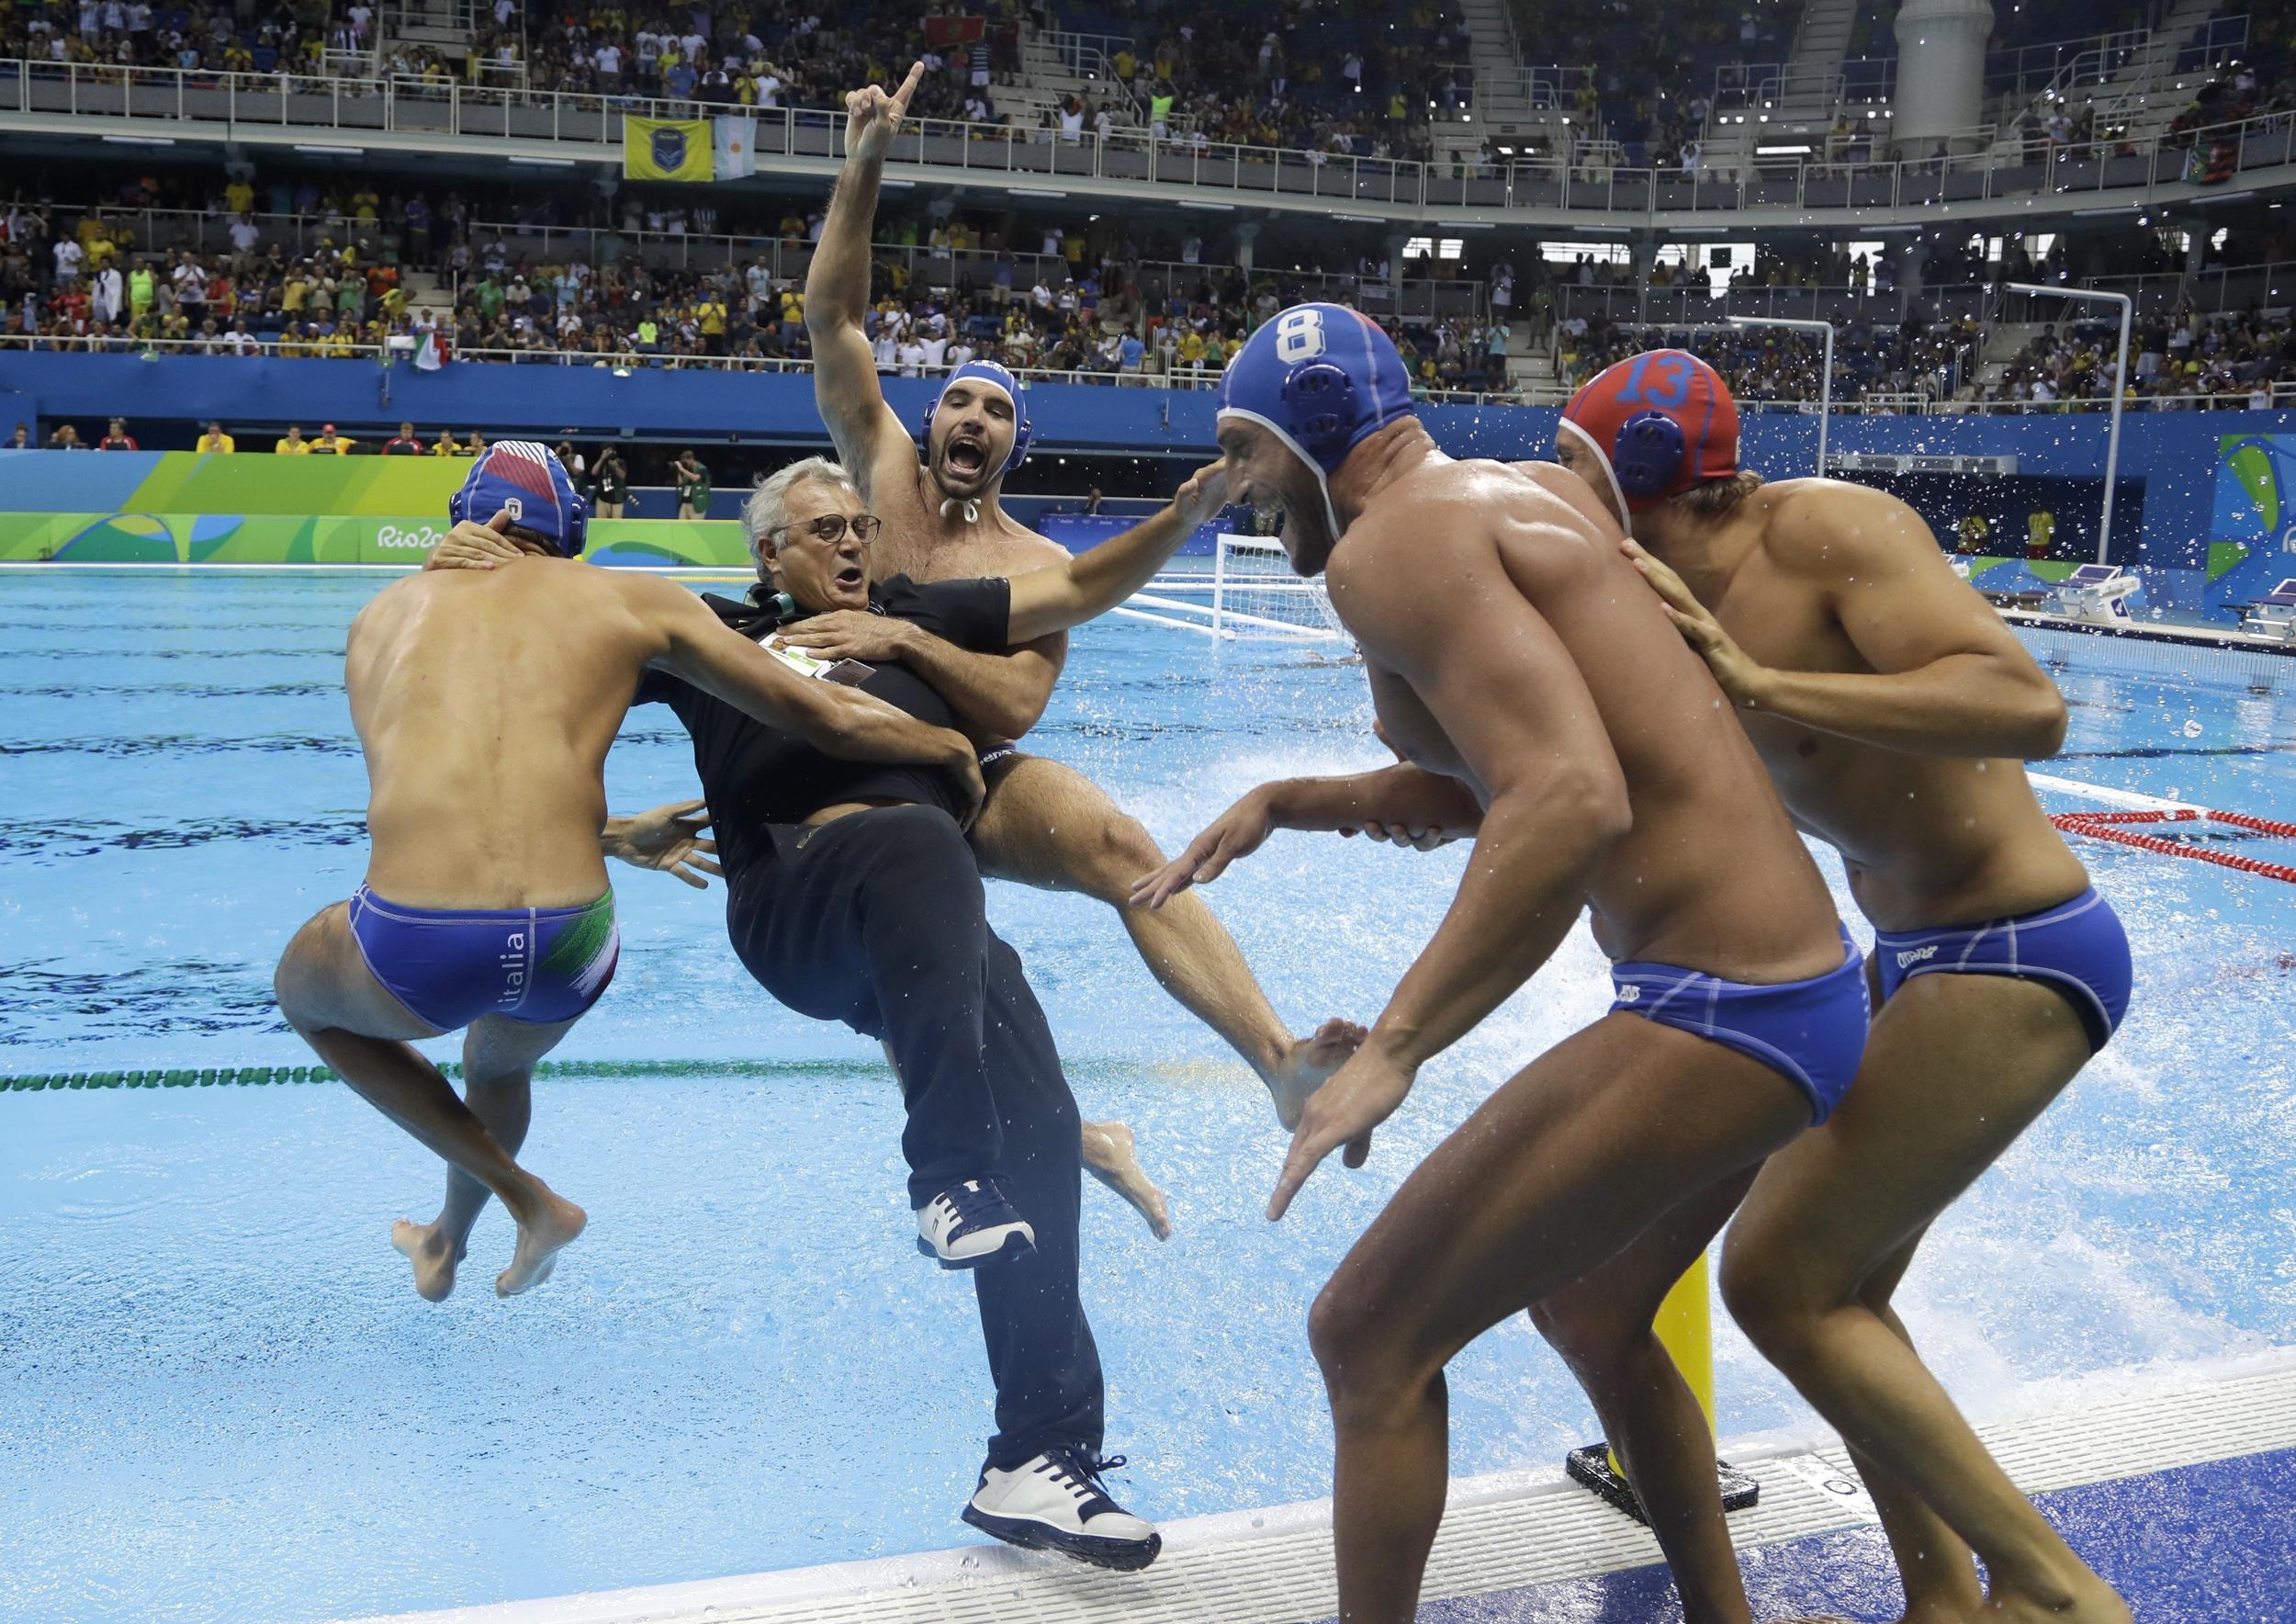 ним смешные фото с олимпиады в рио спортсменов мастика изготавливается